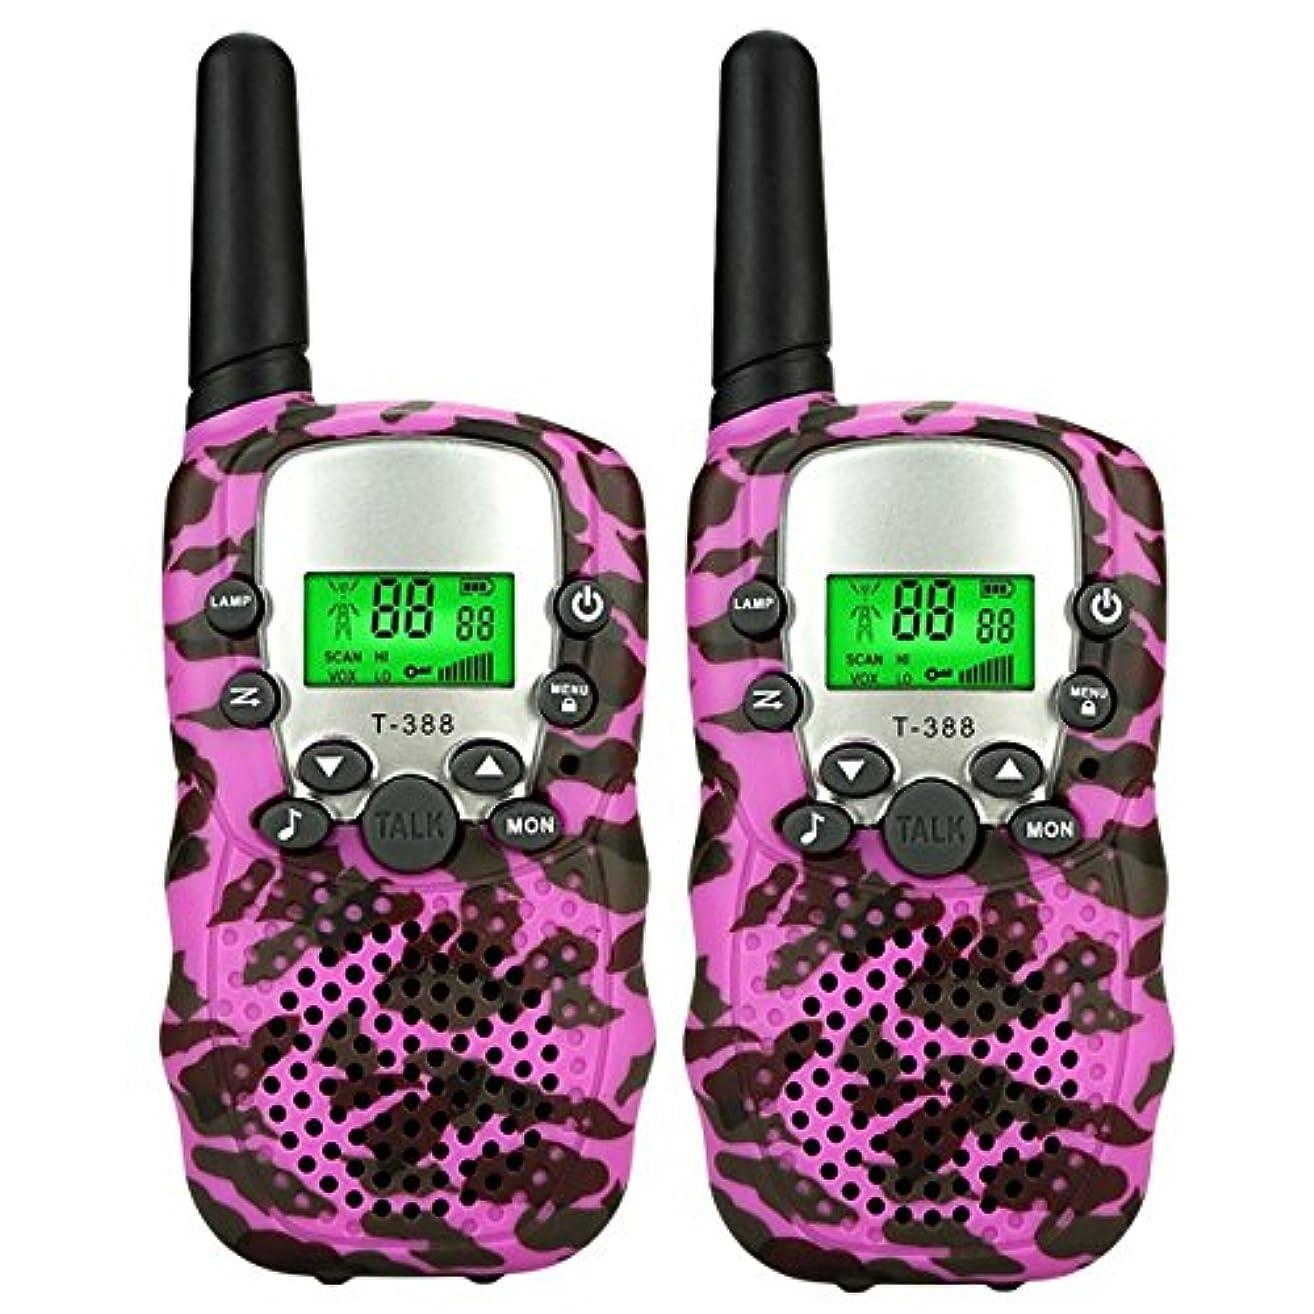 高原バックアップ呼吸TISY ロングレンジ双方向無線機 T38M - 最高の選択 ピンク